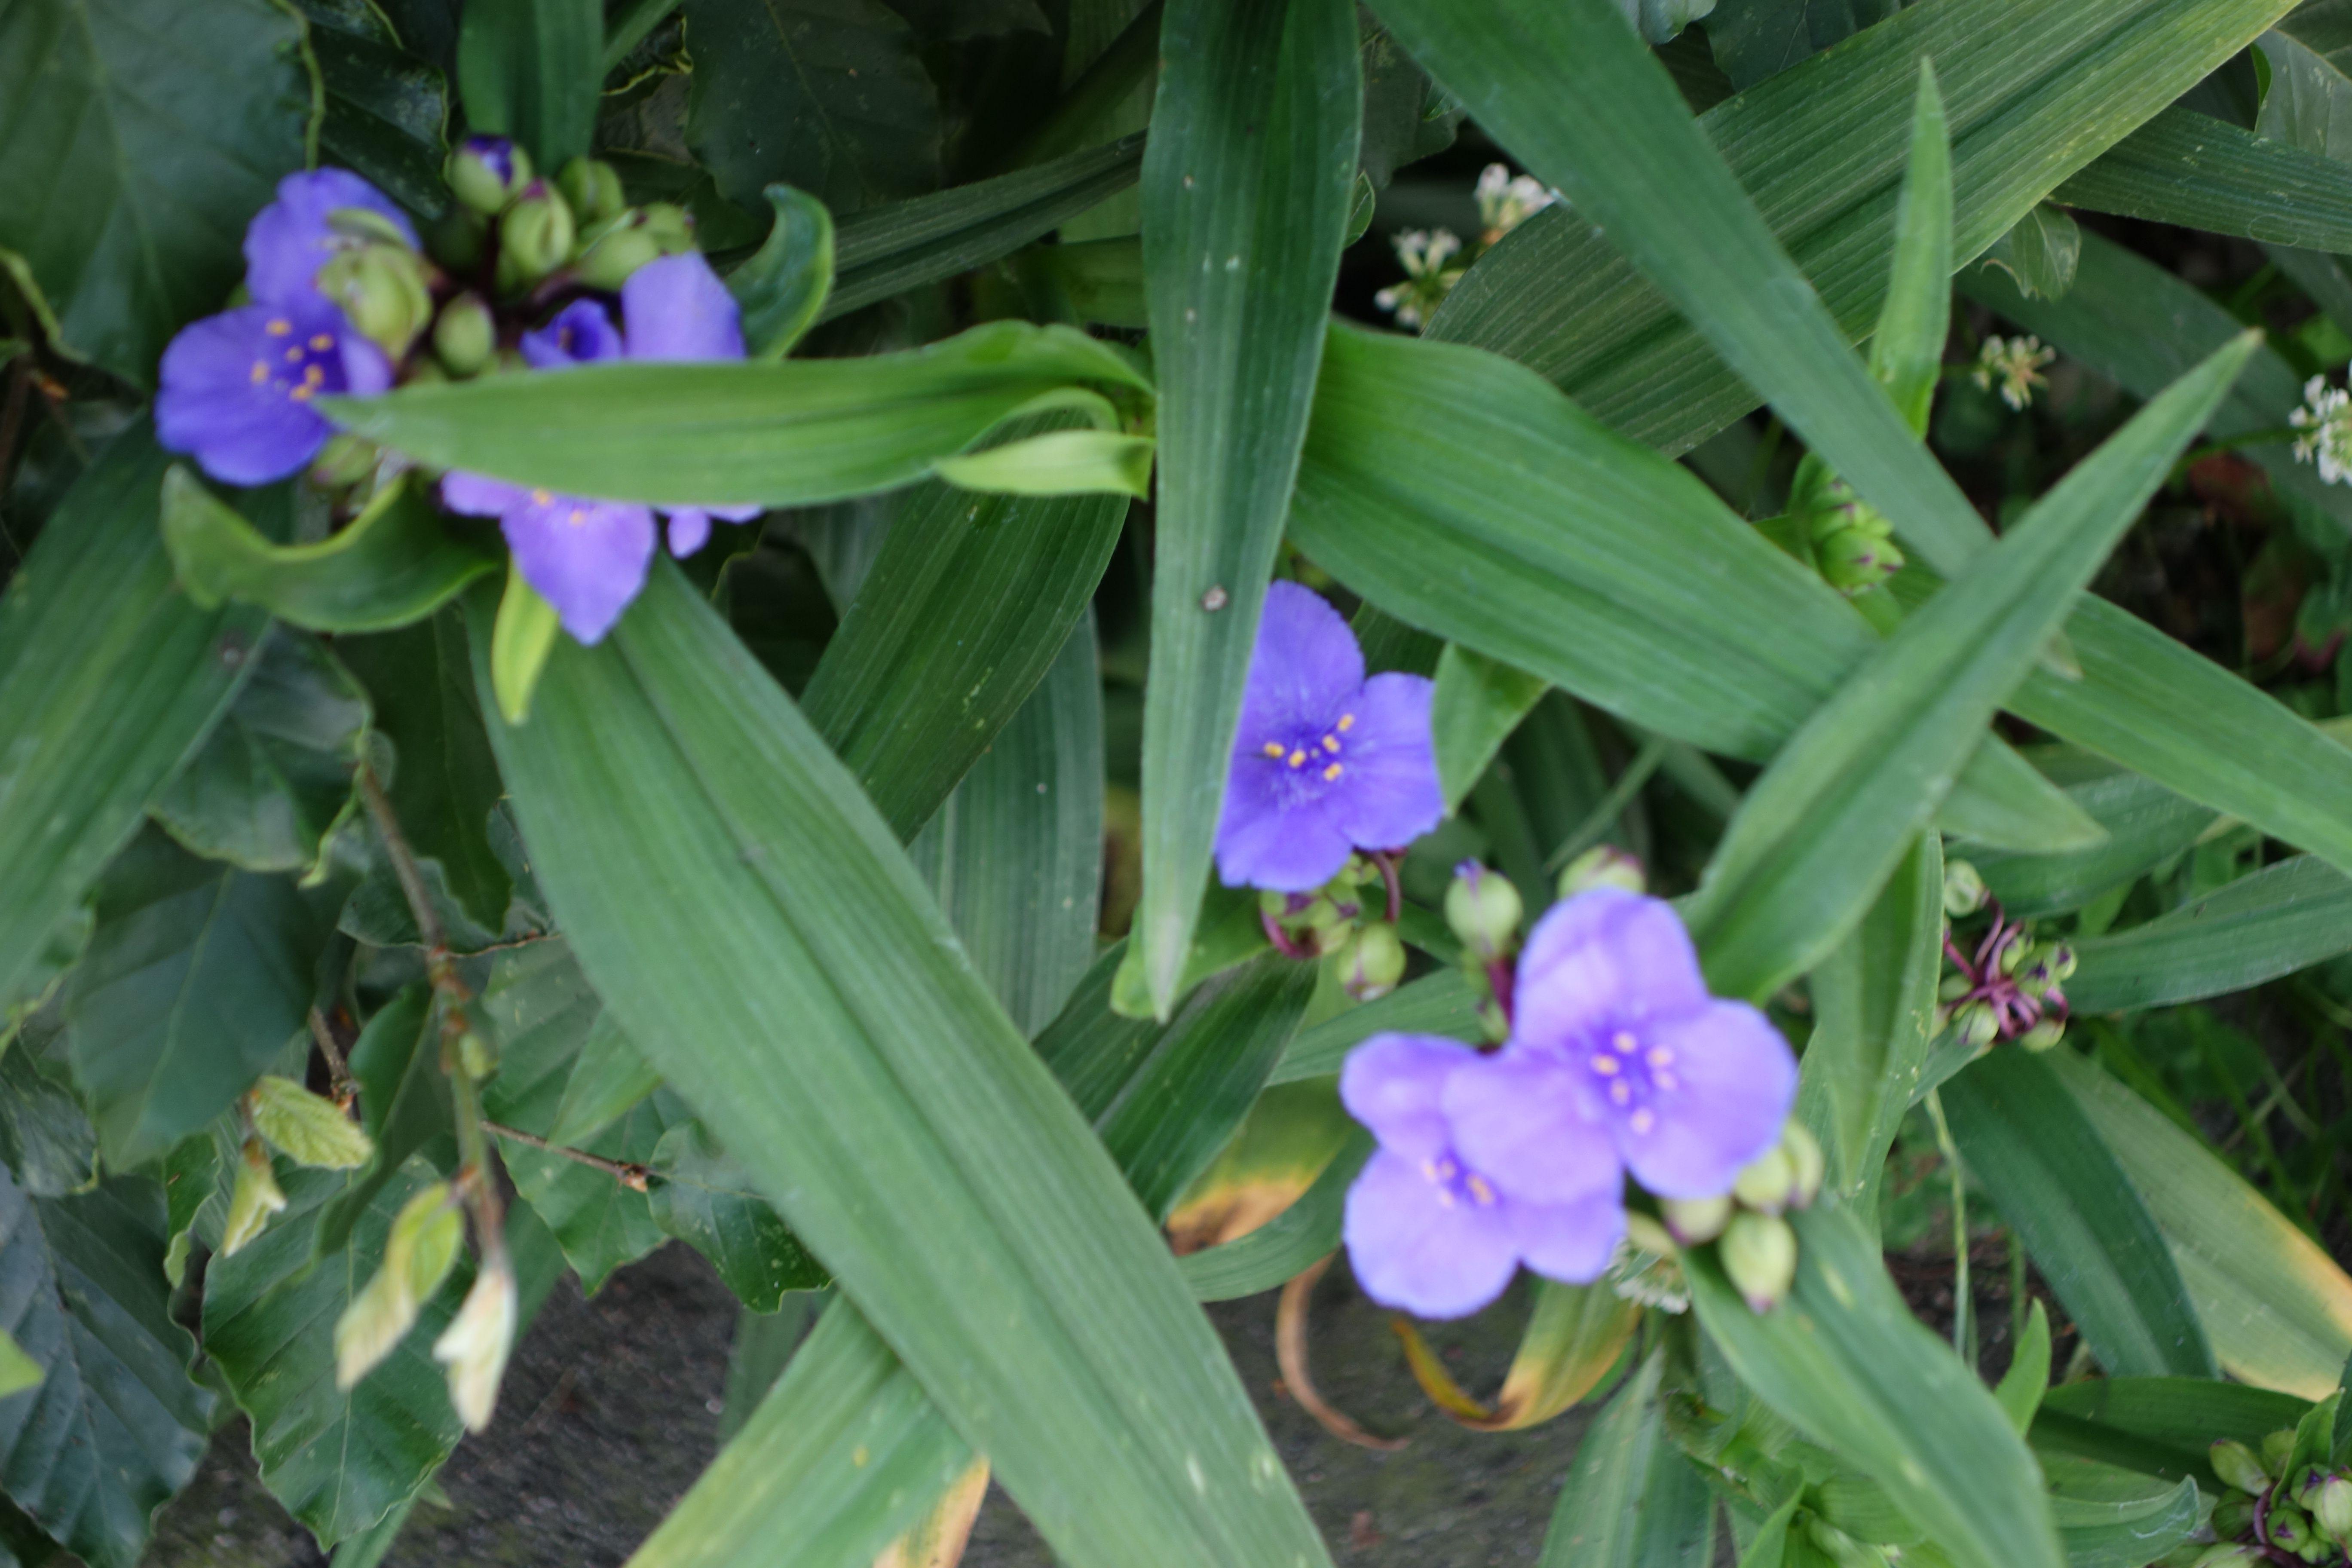 Eendagsbloem: de bloemen bloeien  slechts één dag met drie blaadjes per bloem. Vandaar de naam. Je hebt deze plant in paars, wit en roze. Hij maakt ondergronds wortelstokken aan. Gewoon afsteken als ie teveel gaat uitlopen. Soms gaat deze plant liggen. Dat is jammer en oogt meteen onverzorgd. Slakken vinden hem ook lekker.